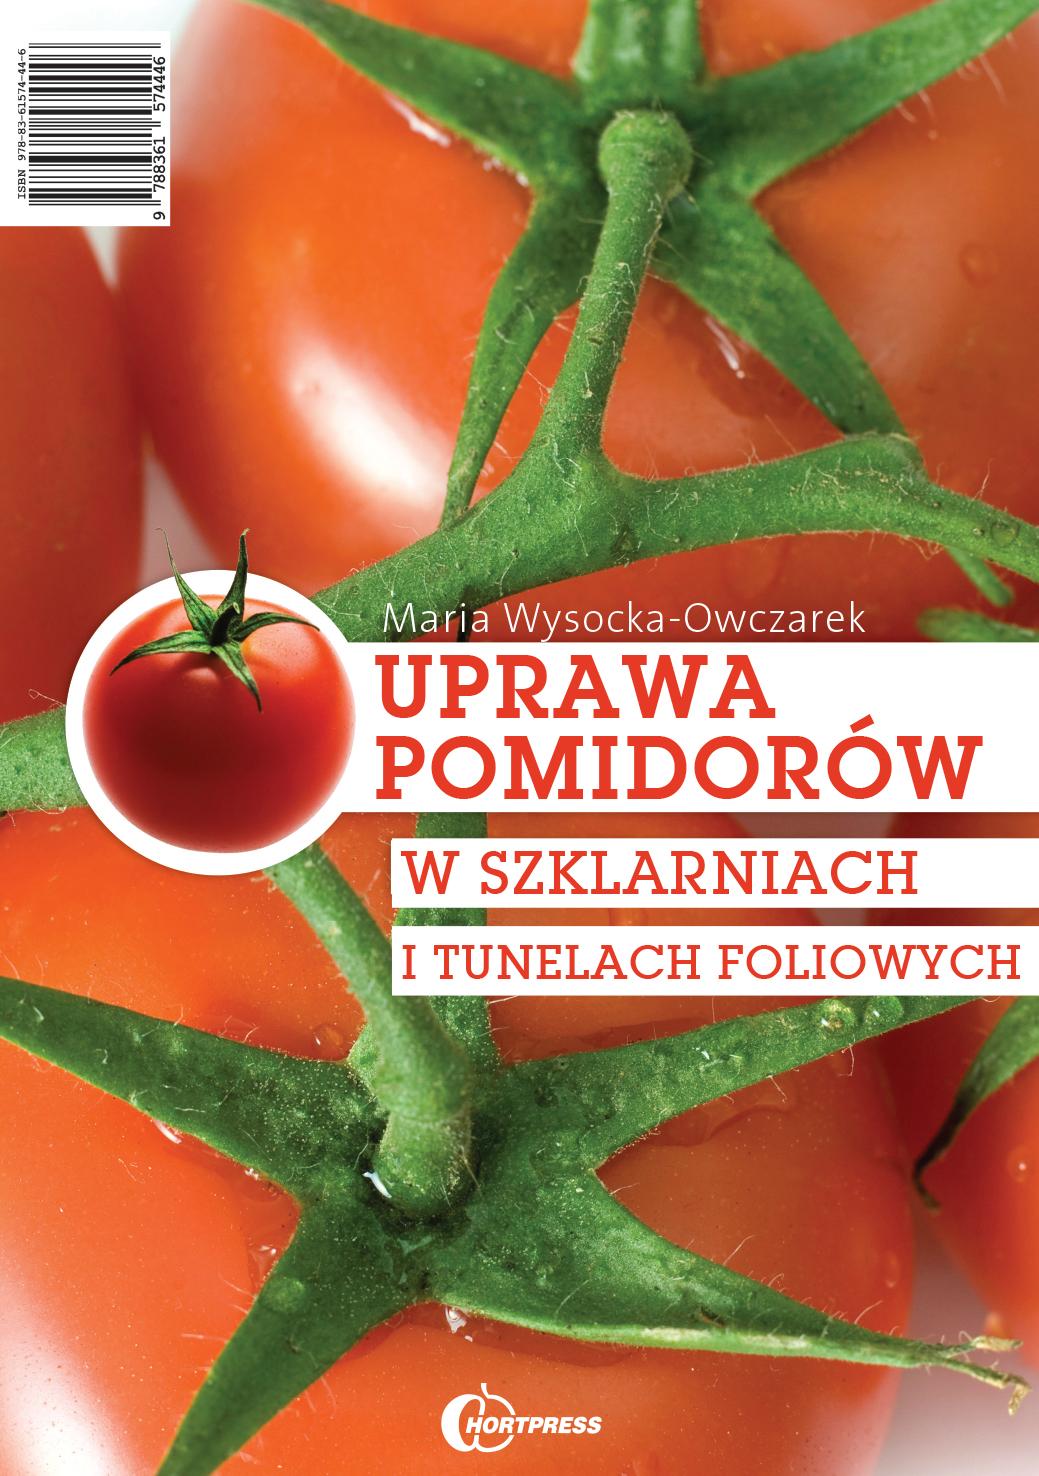 uprawa-pomidorow